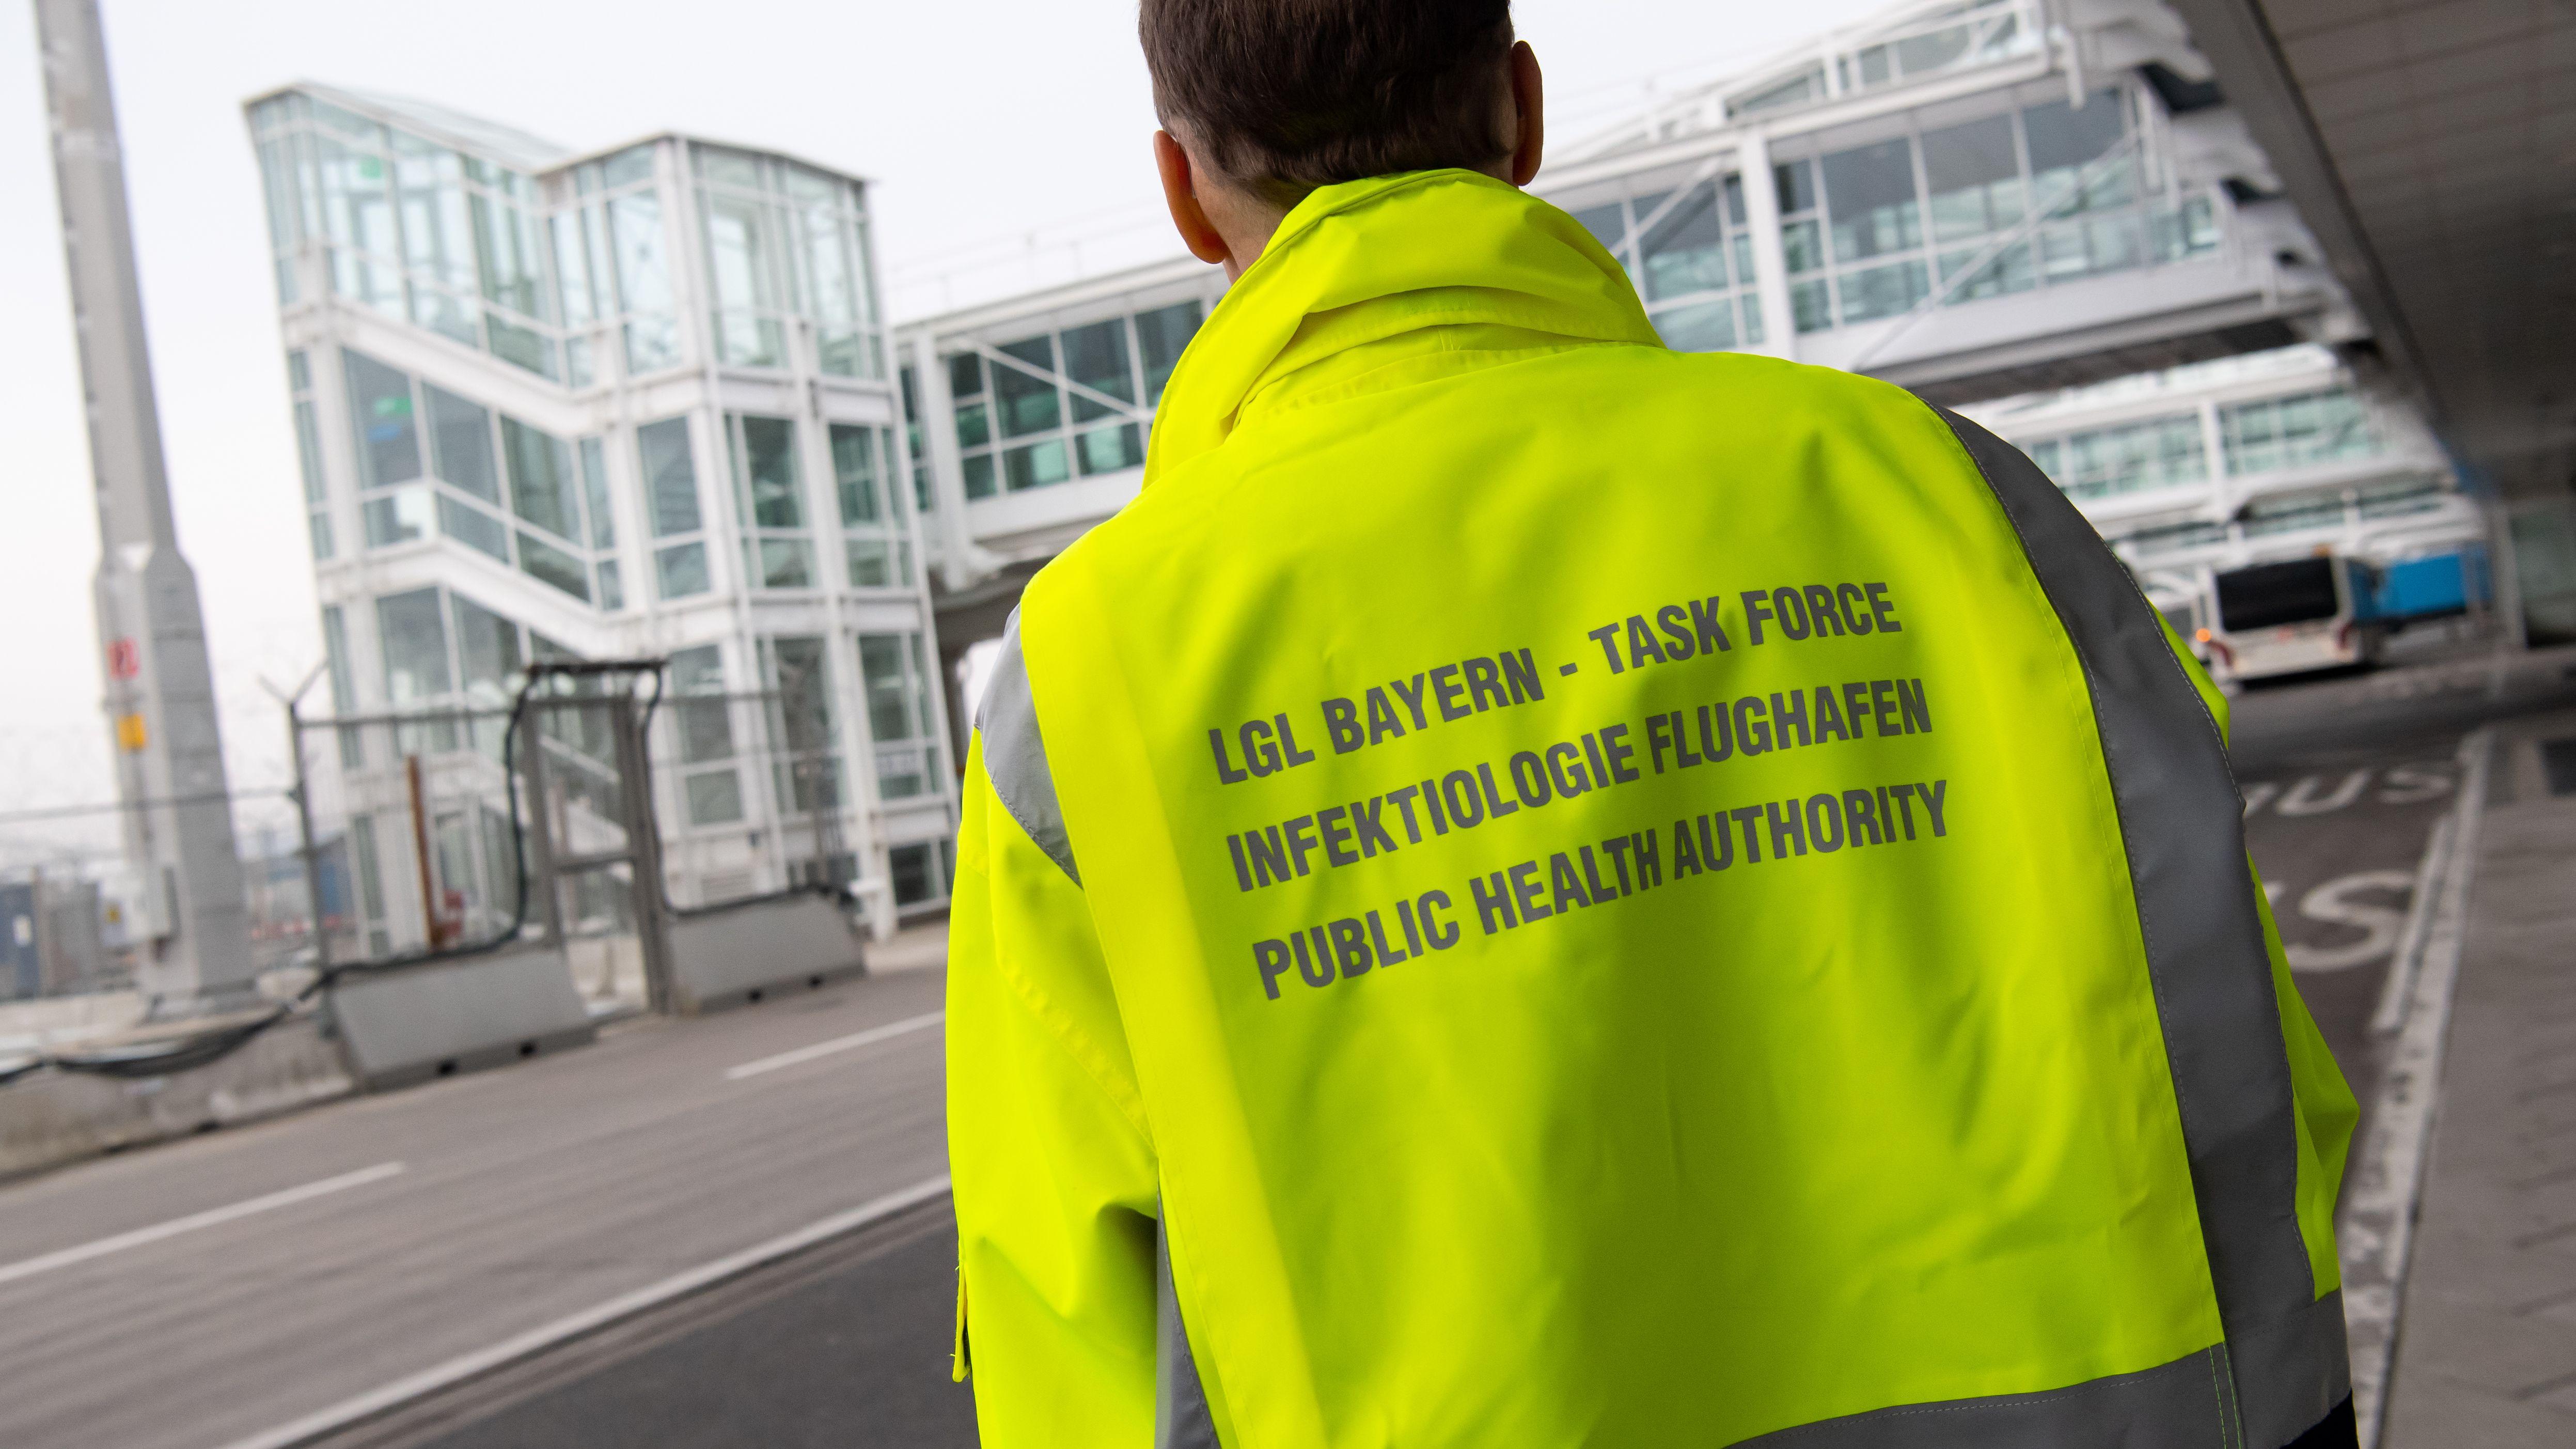 """""""Task Force - Infektiologie Flughafen"""" steht auf der Jacke eines Mitarbeiters der """"Task-Force Infektiologie"""" am Flughafen München."""